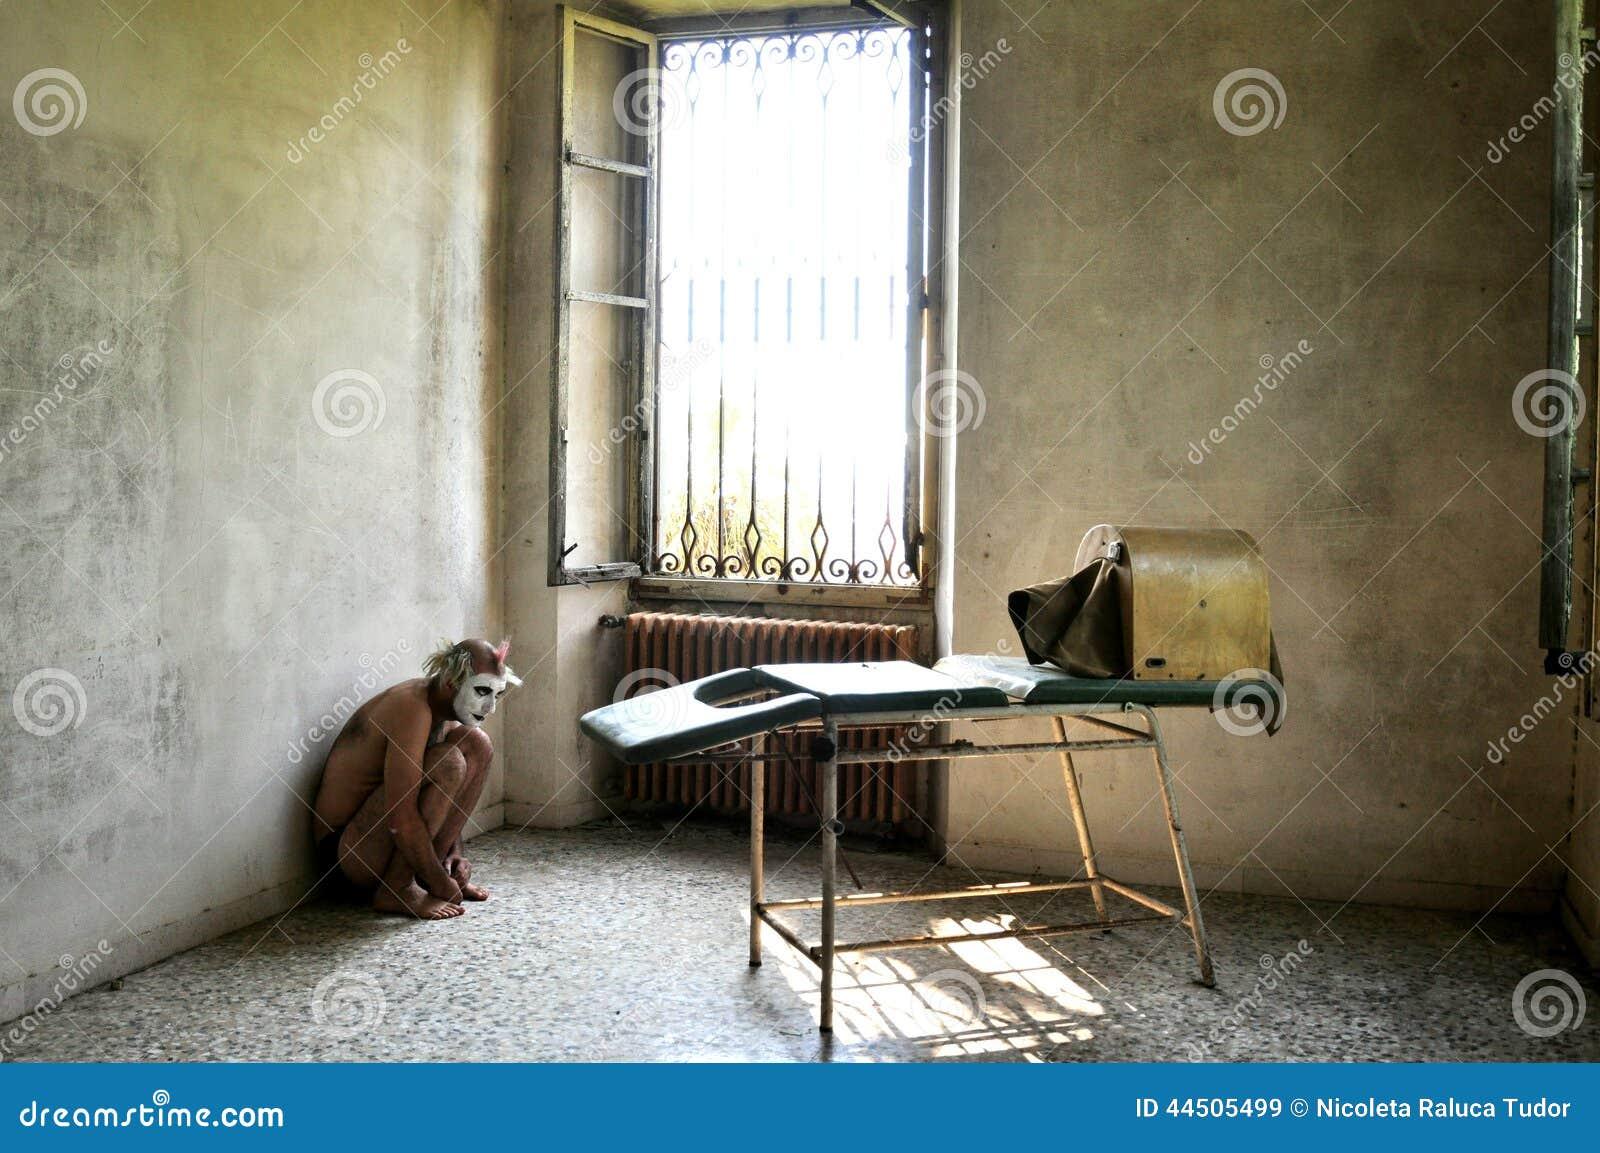 一个精神病院的疯狂的人在意大利室内设计奥斯卡作品集图片